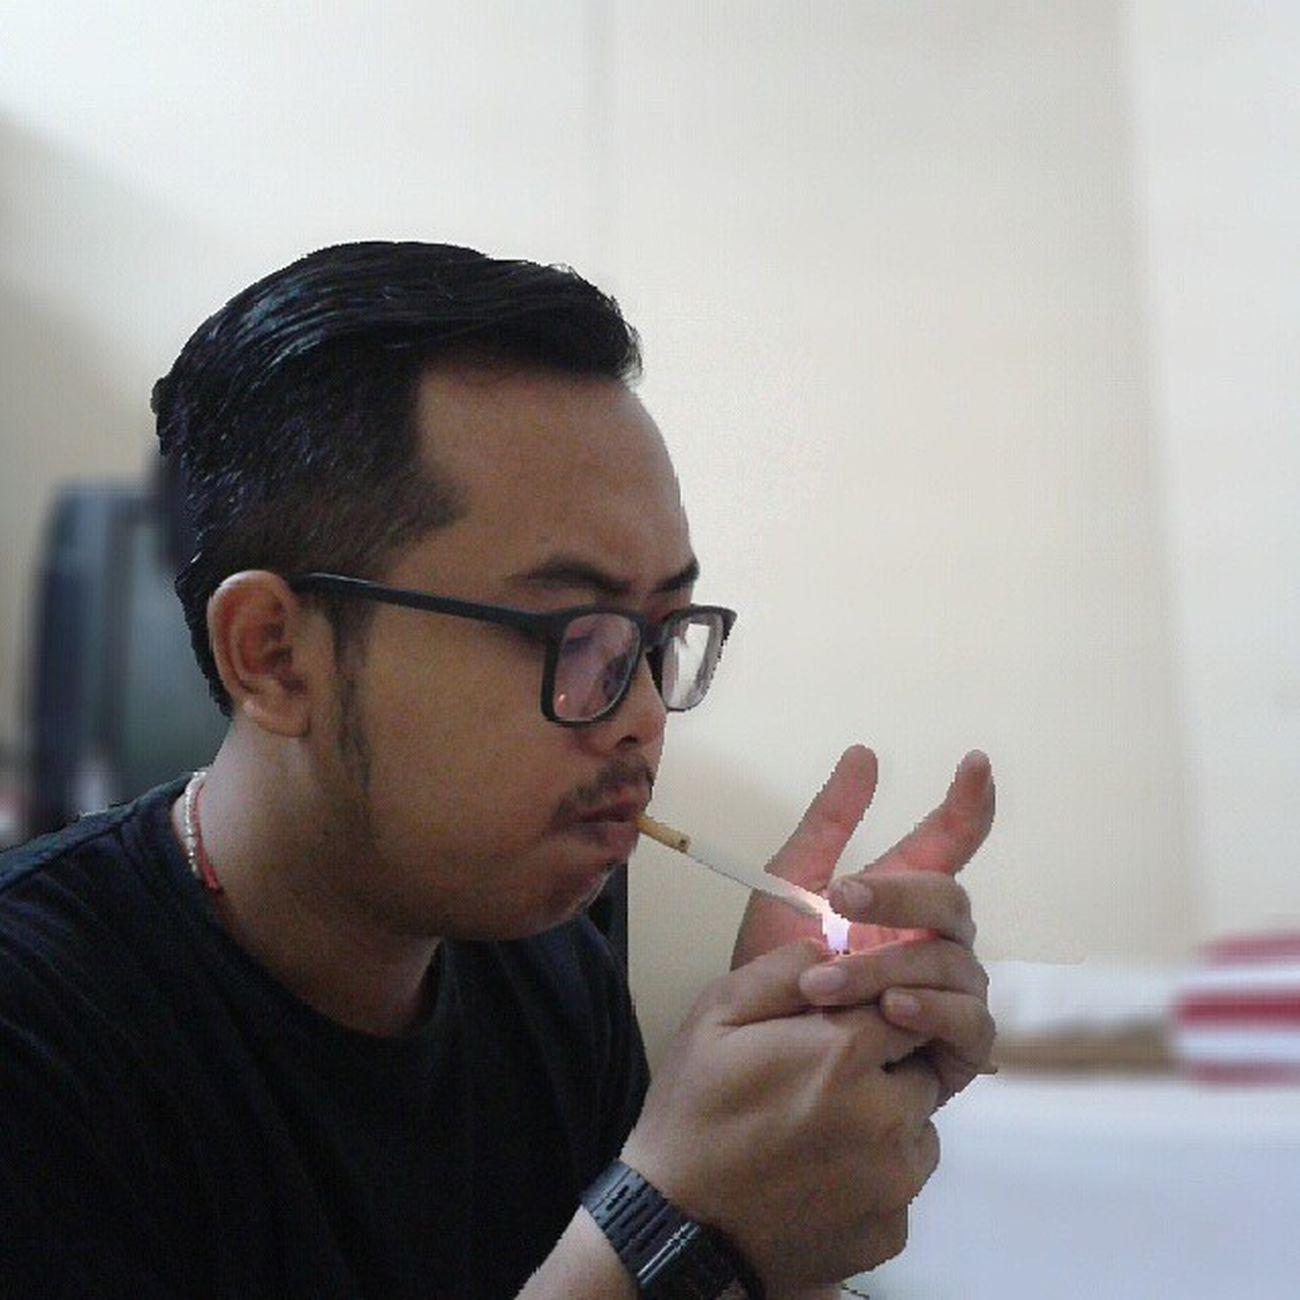 Pomade Americanpomade Pomadeindonesia Djarum blackcasiolighter